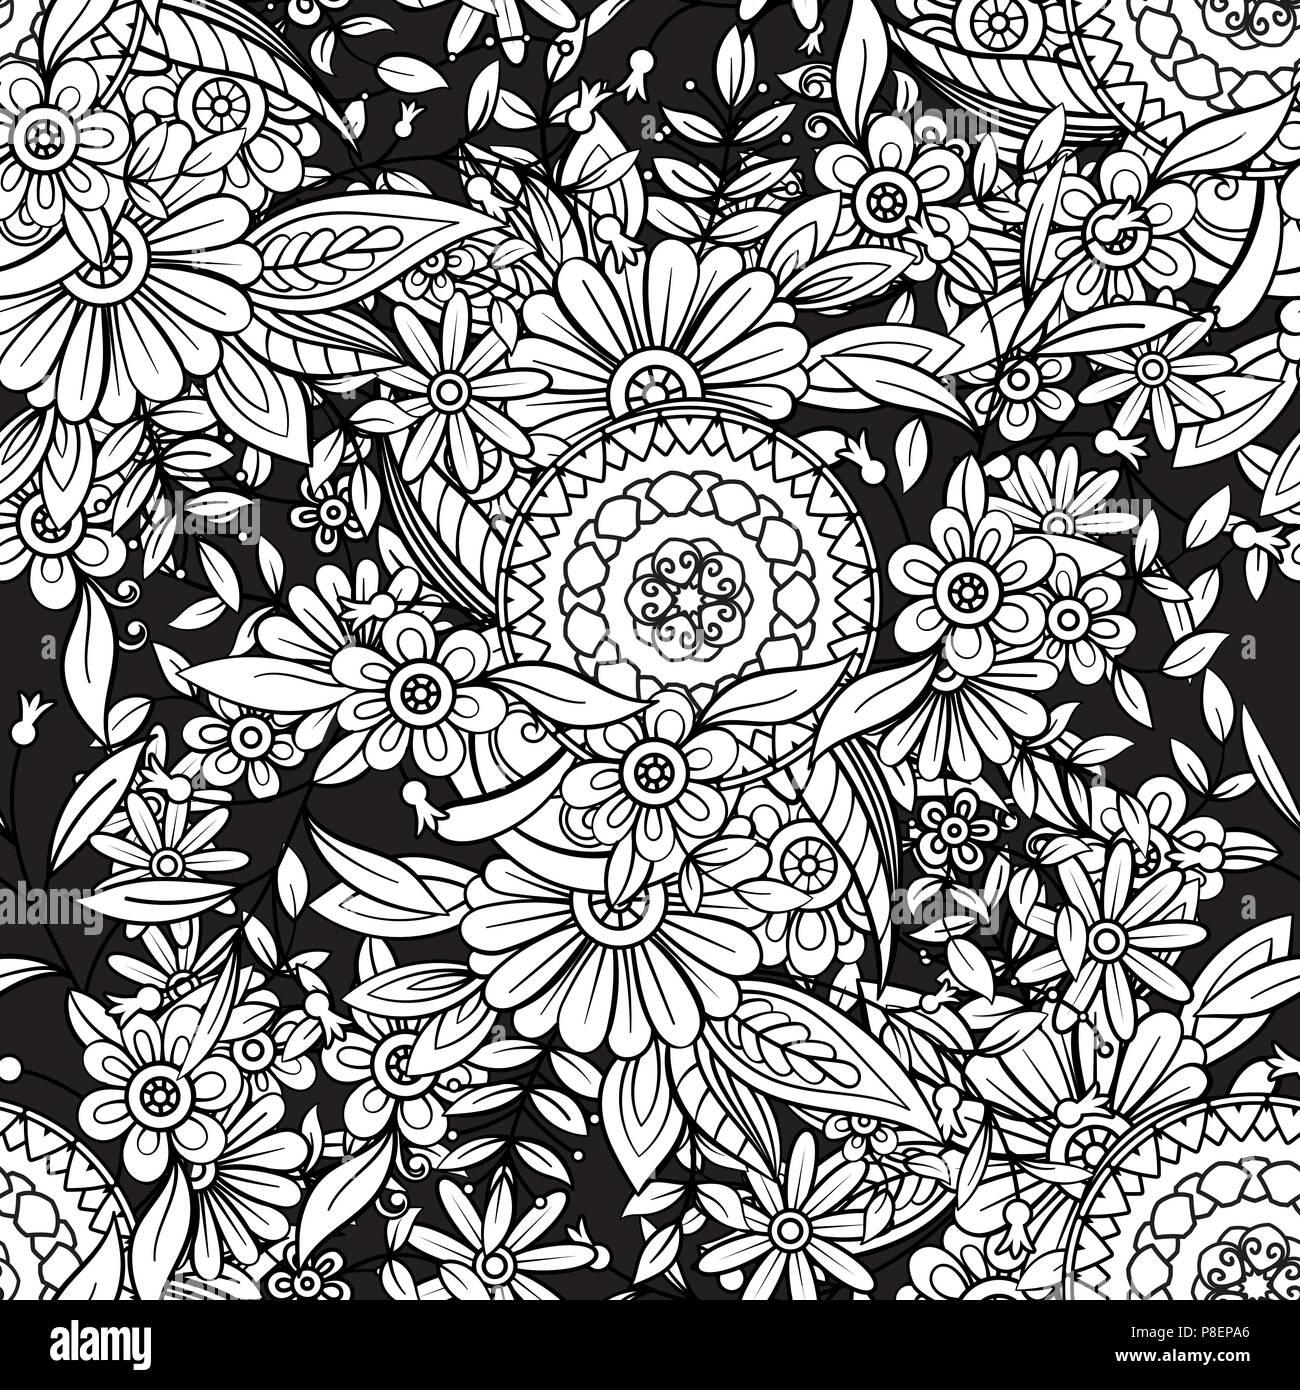 Coloriage Adulte Blanc.Motif Transparent Floral En Noir Et Blanc Livre De Coloriage